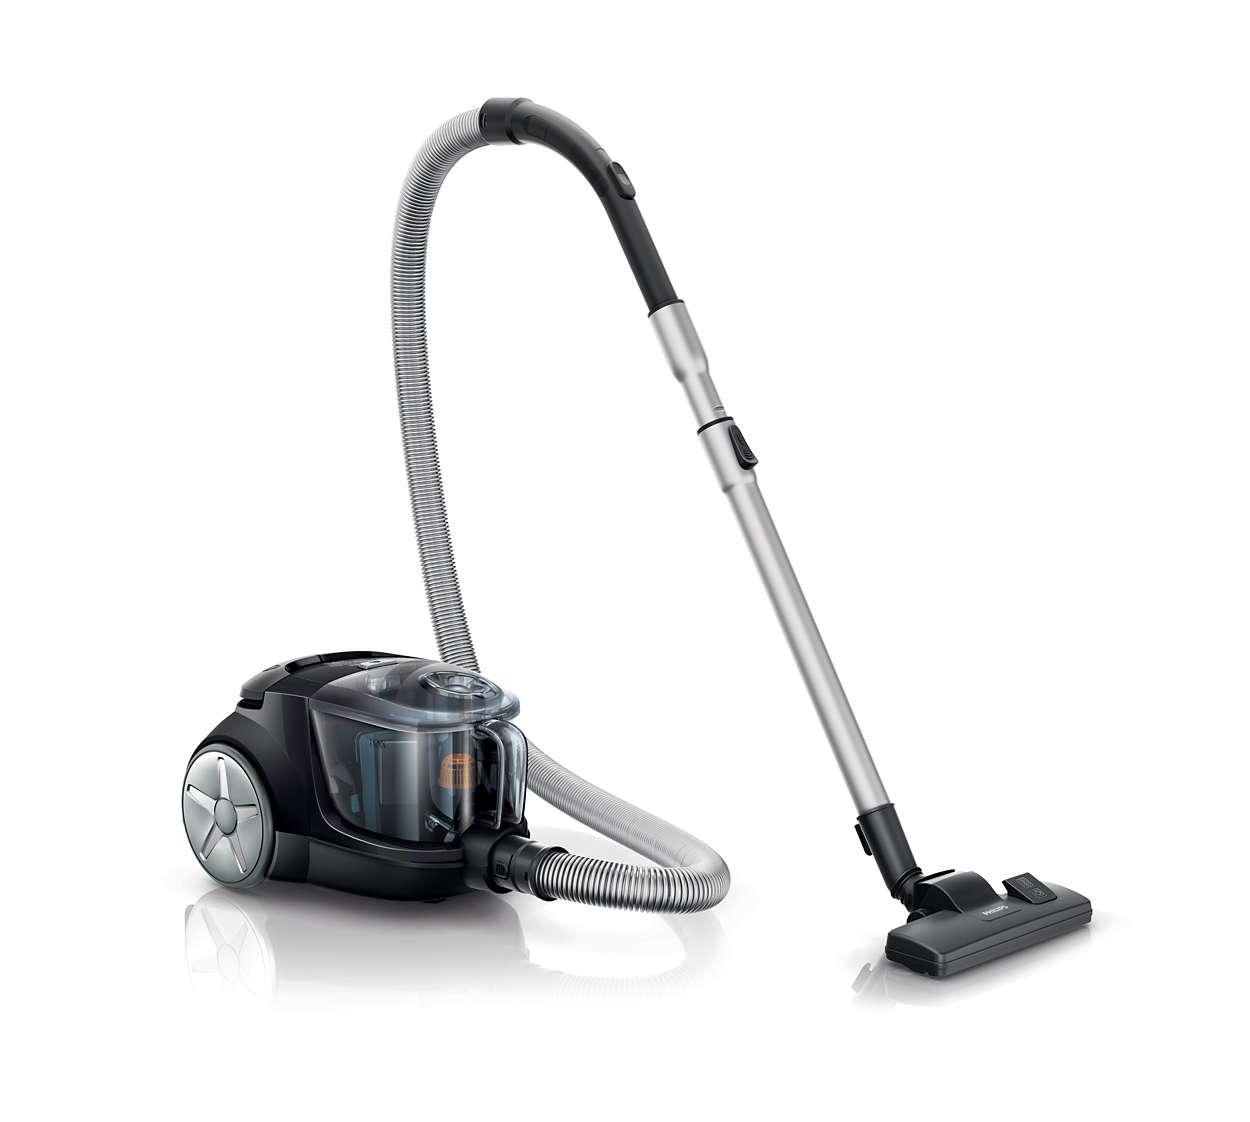 20% höhere Saugleistung* für ein besseres Reinigungsergebnis